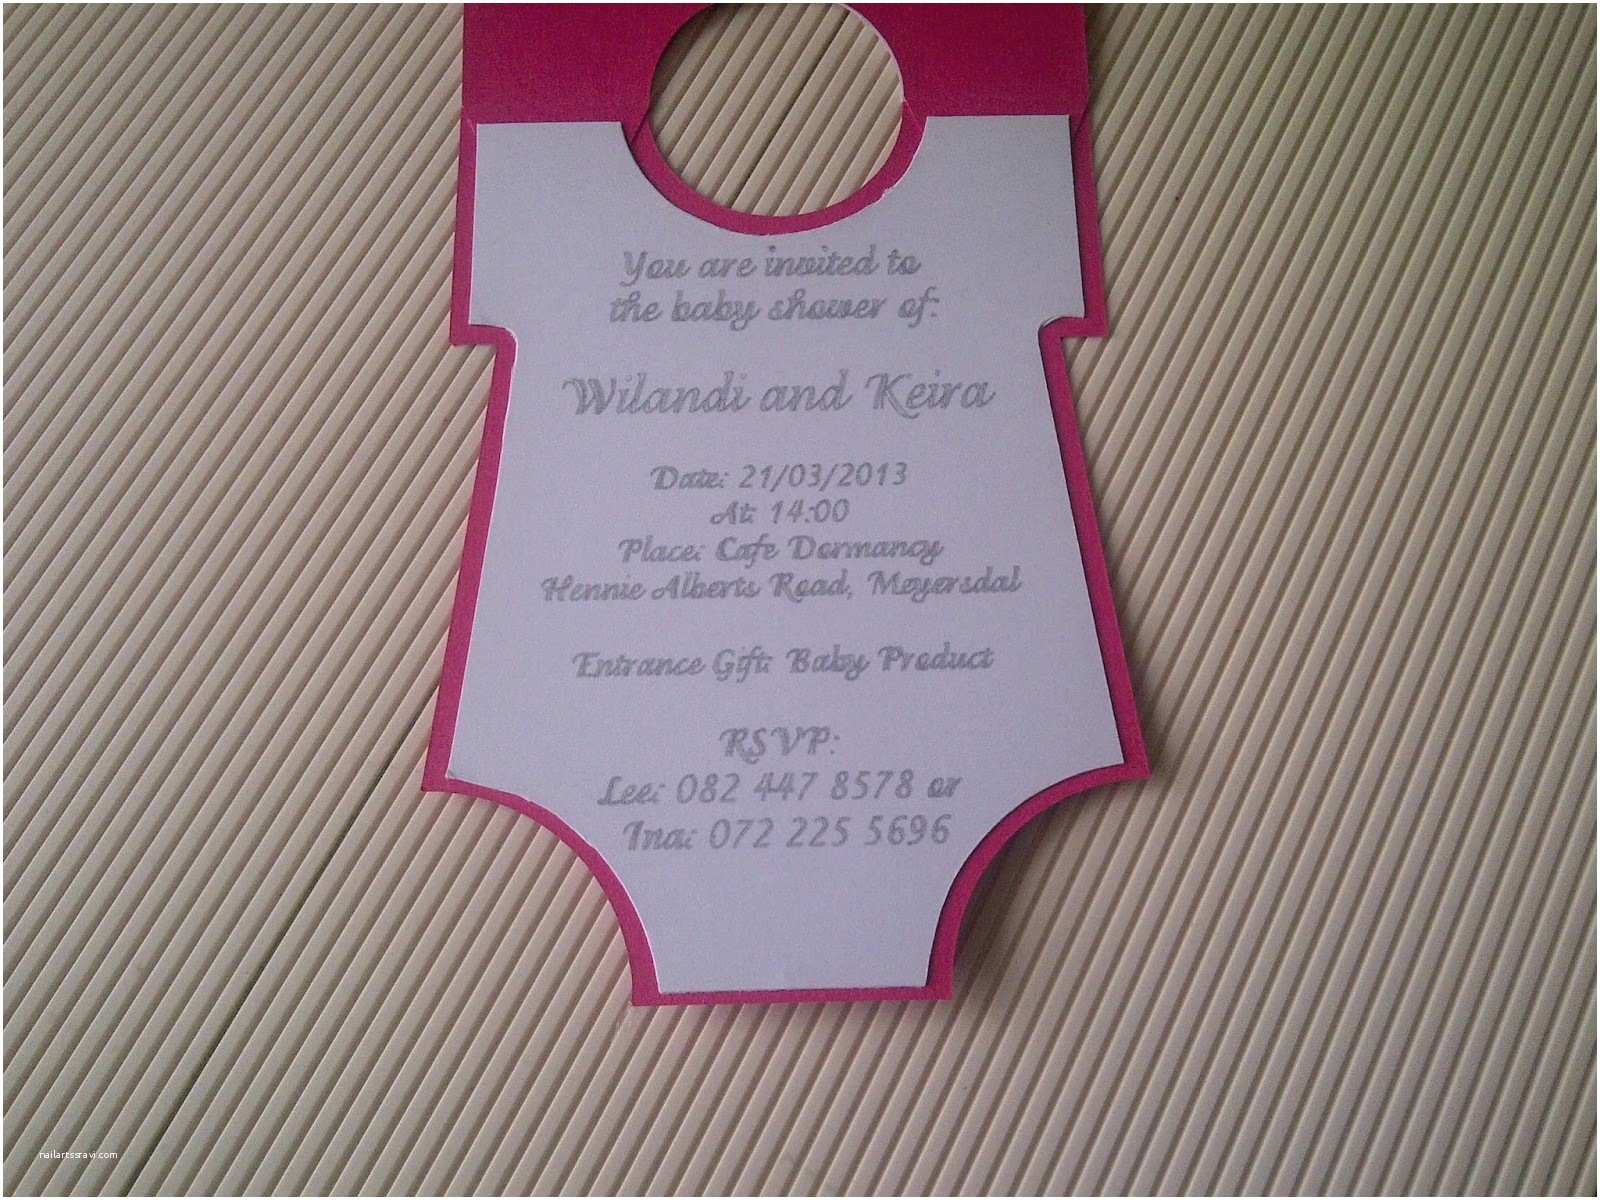 Onesie Baby Shower Invitation Best S Of Esie Template for Baby Shower Invitation